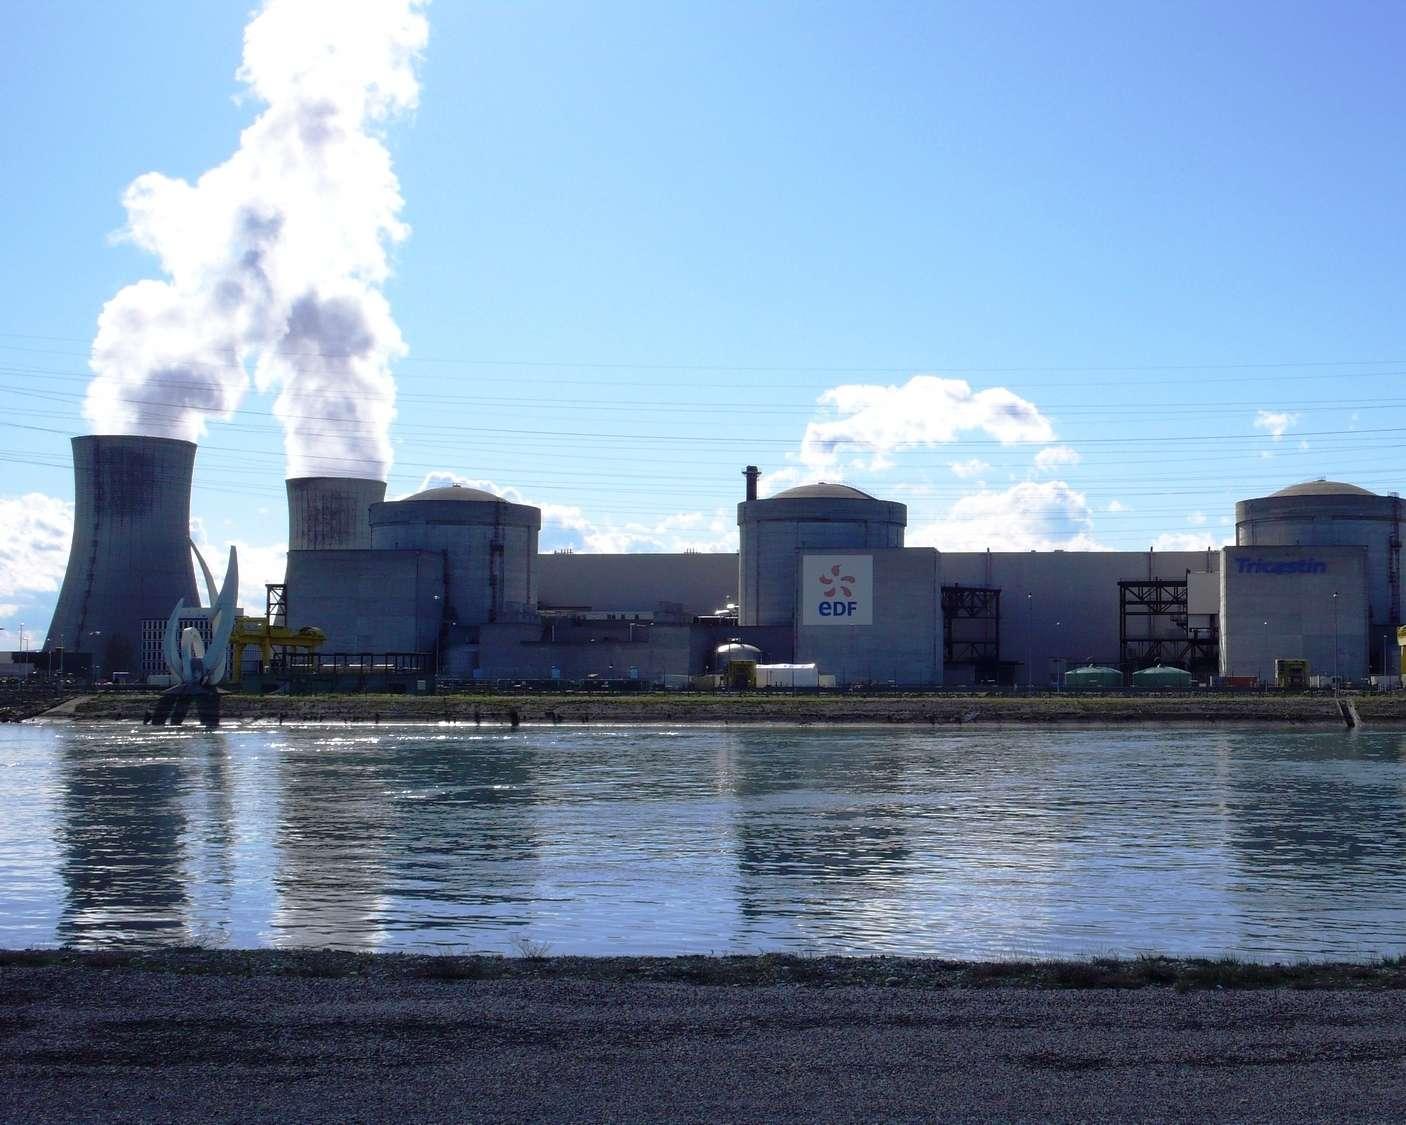 La centrale nucléaire du Tricastin, dans la Drôme, utilise de l'eau pour son fonctionnement. Si cette dernière venait à manquer, cela impacterait donc sa production d'électricité. © Sancio83, DP